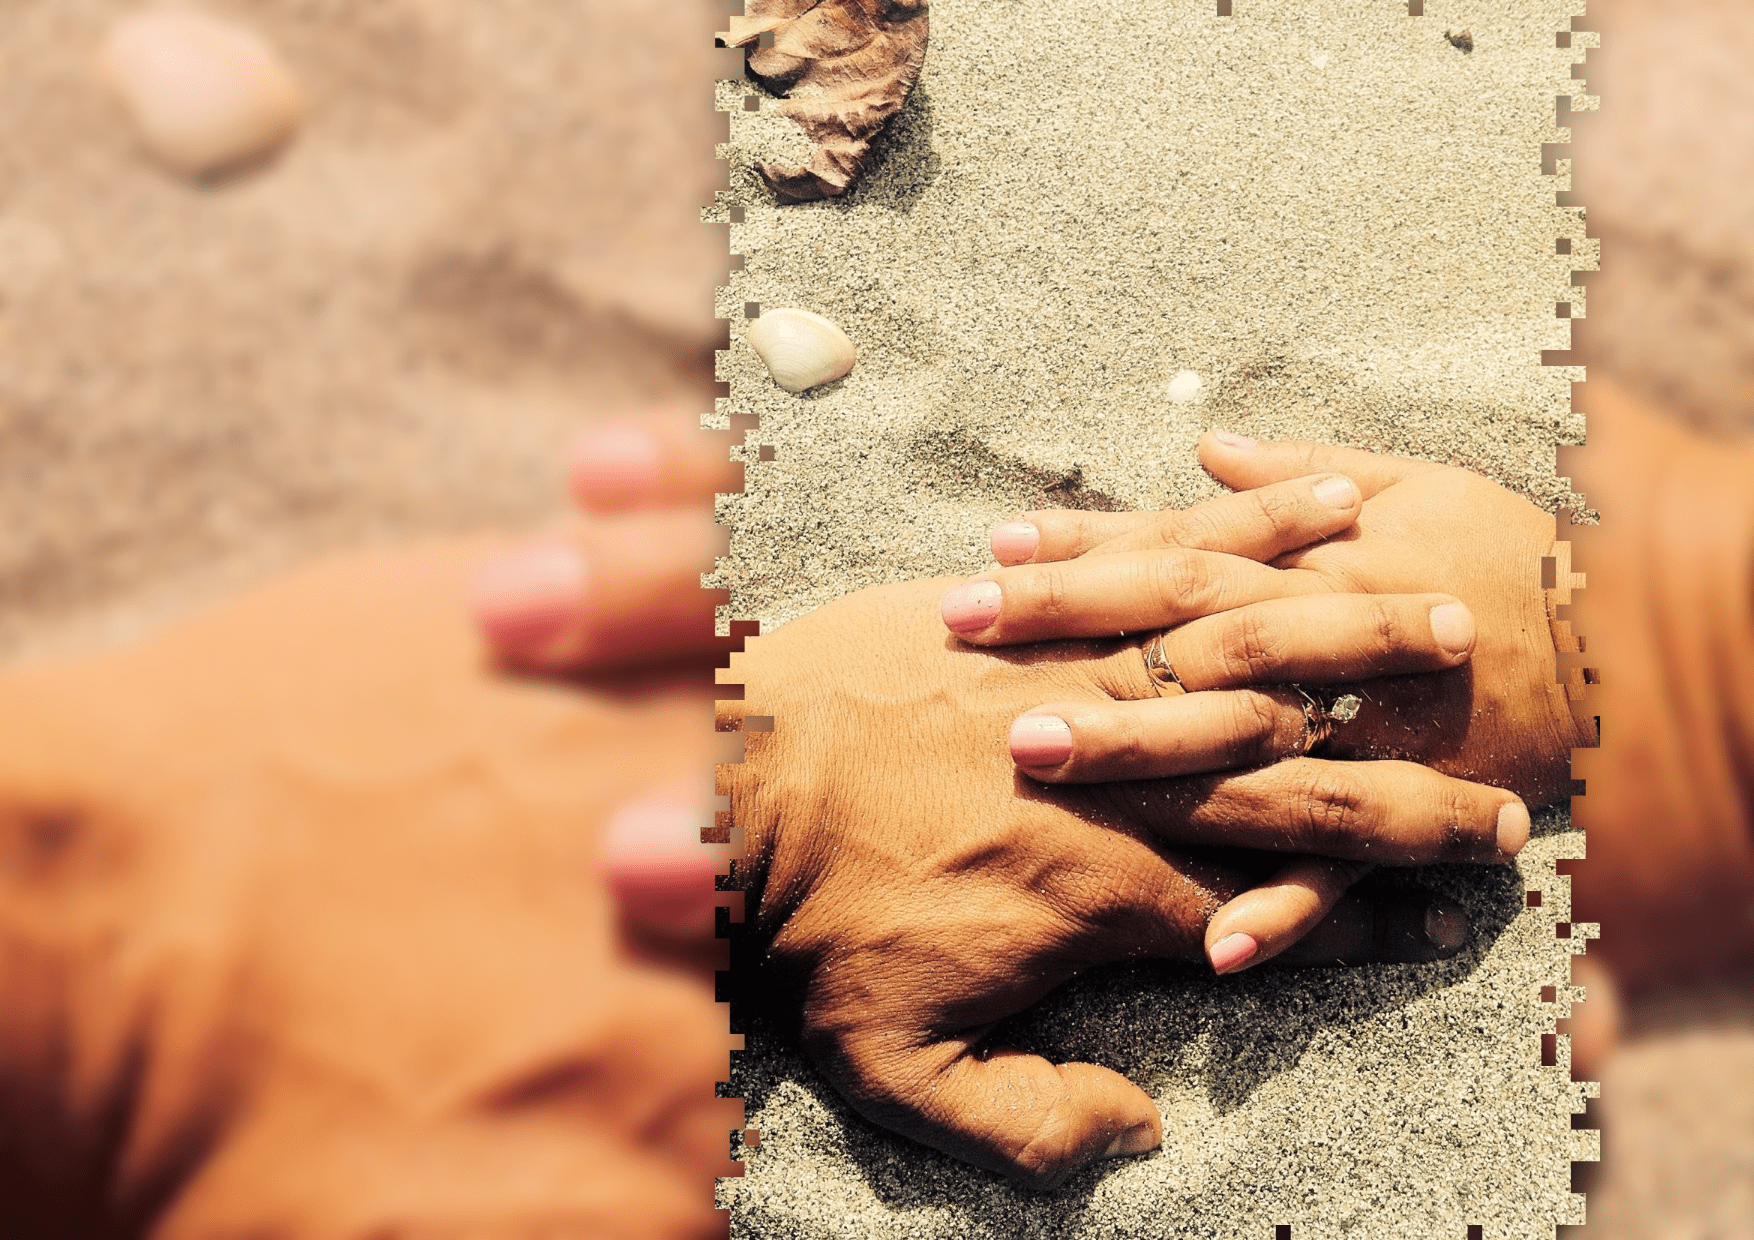 Finger,                Hand,                Soil,                Sand,                Sense,                Image,                Avatar,                White,                Black,                Yellow,                Red,                 Free Image